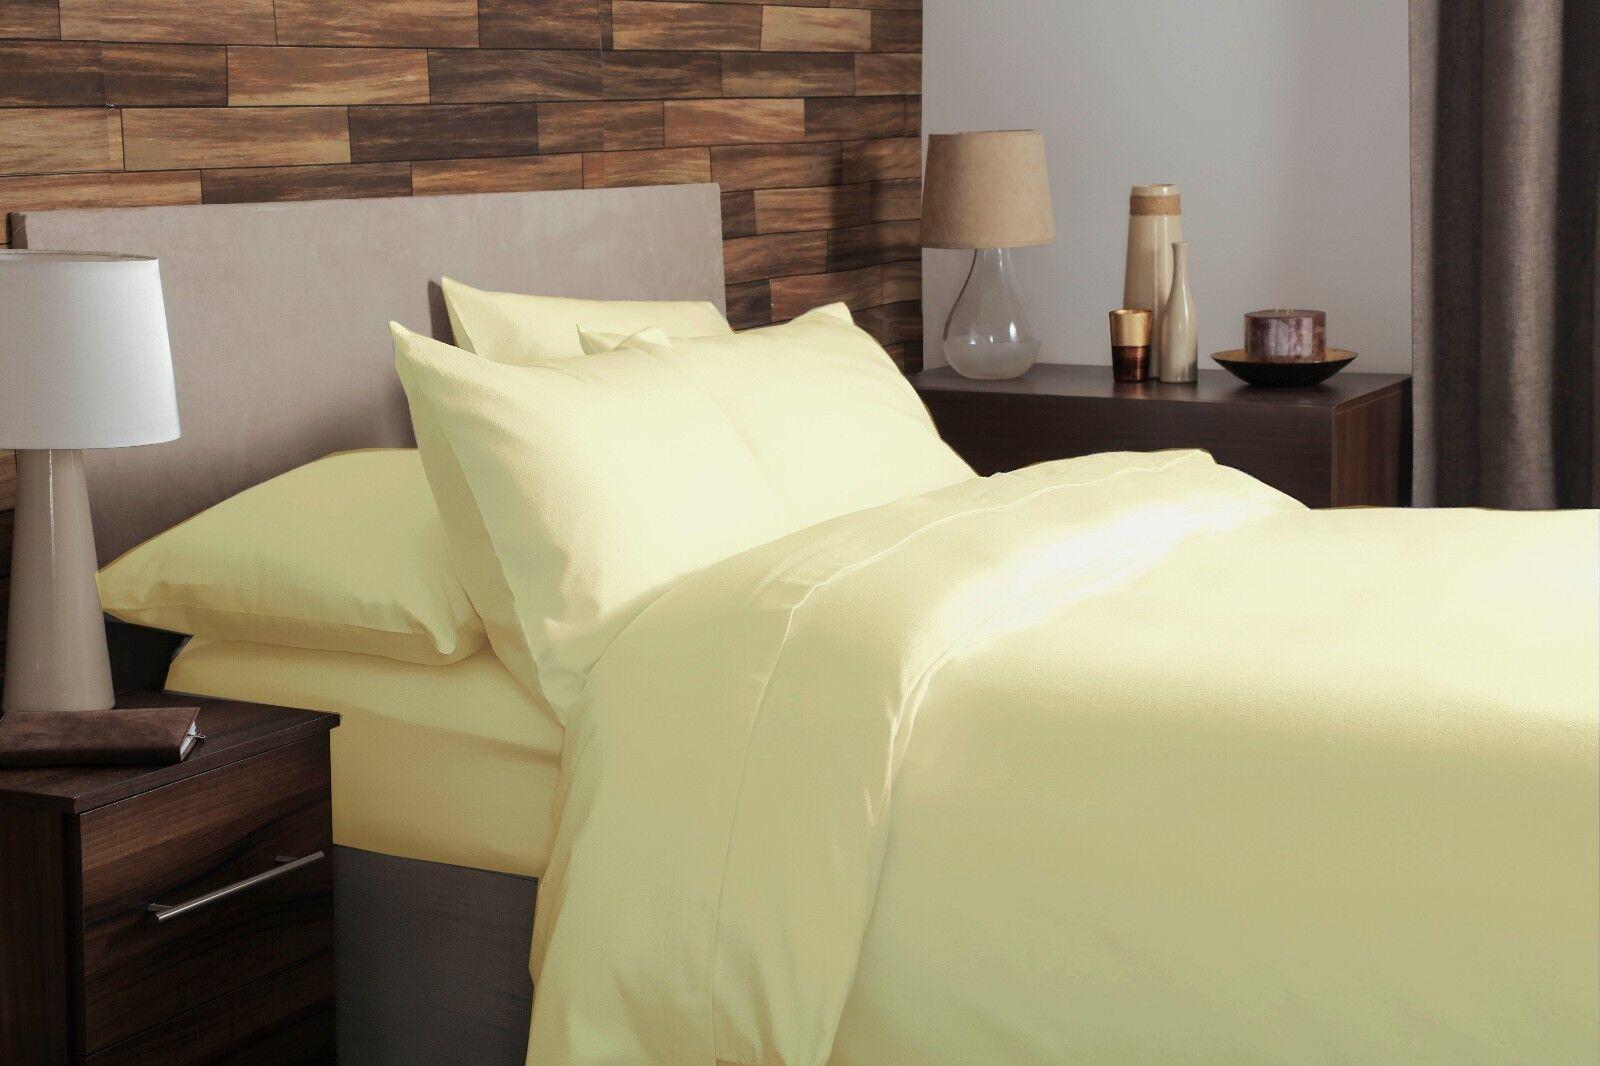 100% Brushed Cotton Plain Flannelette King Größe Duvet Cover Set in Lemon